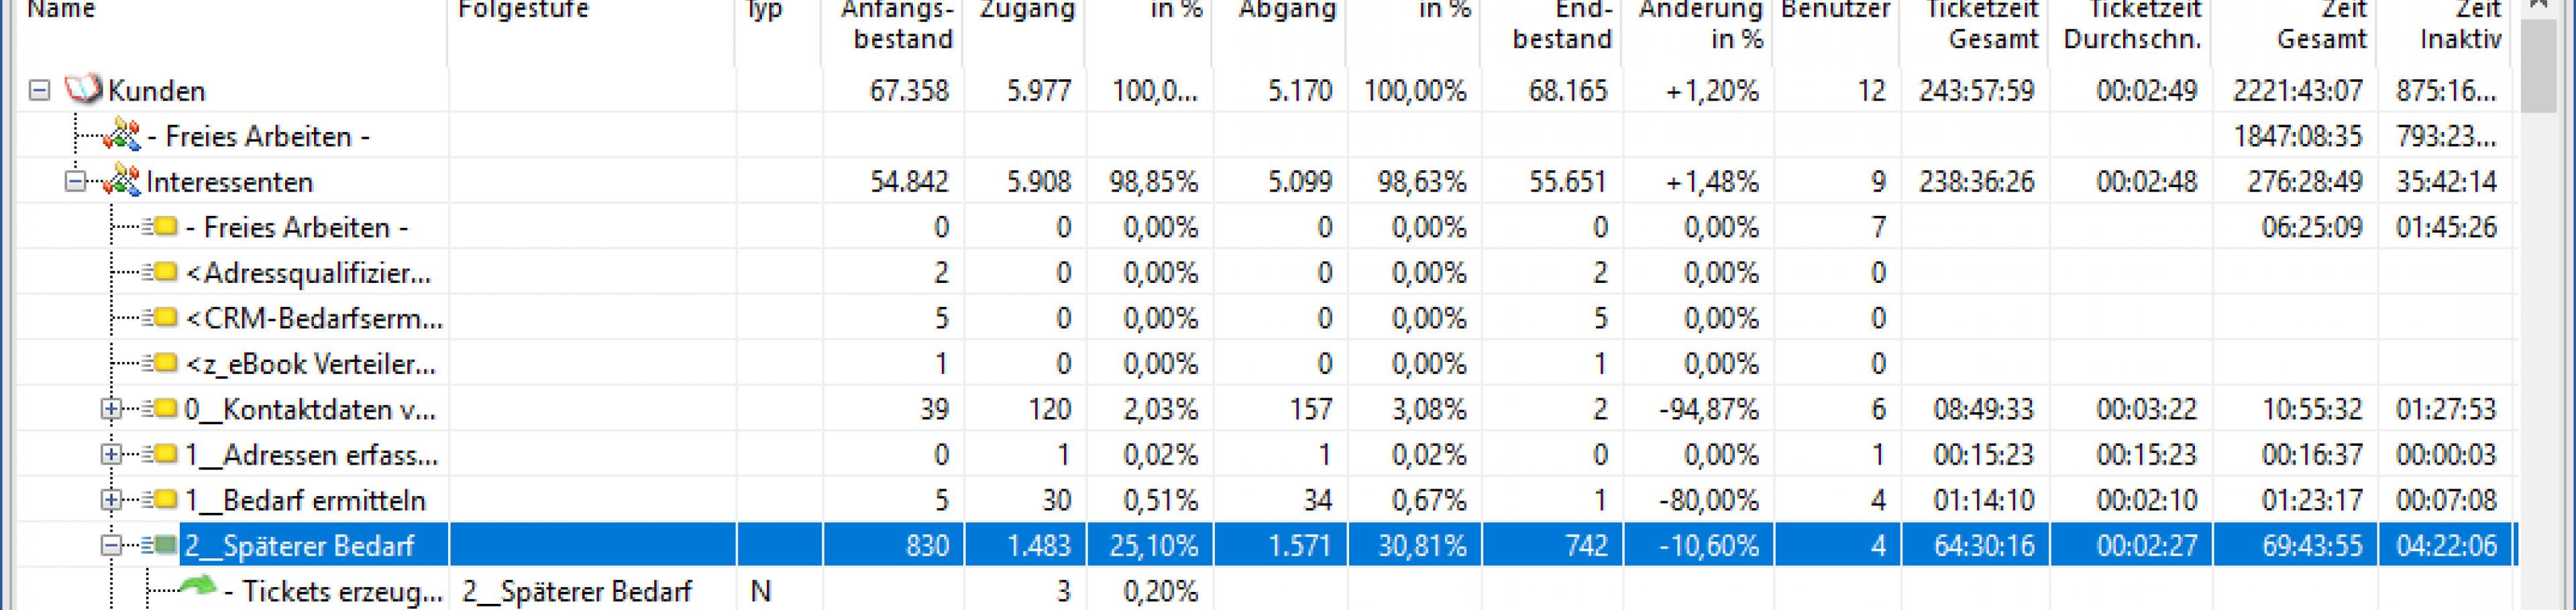 Detaillierte Zahlen in der Projektstatistik.